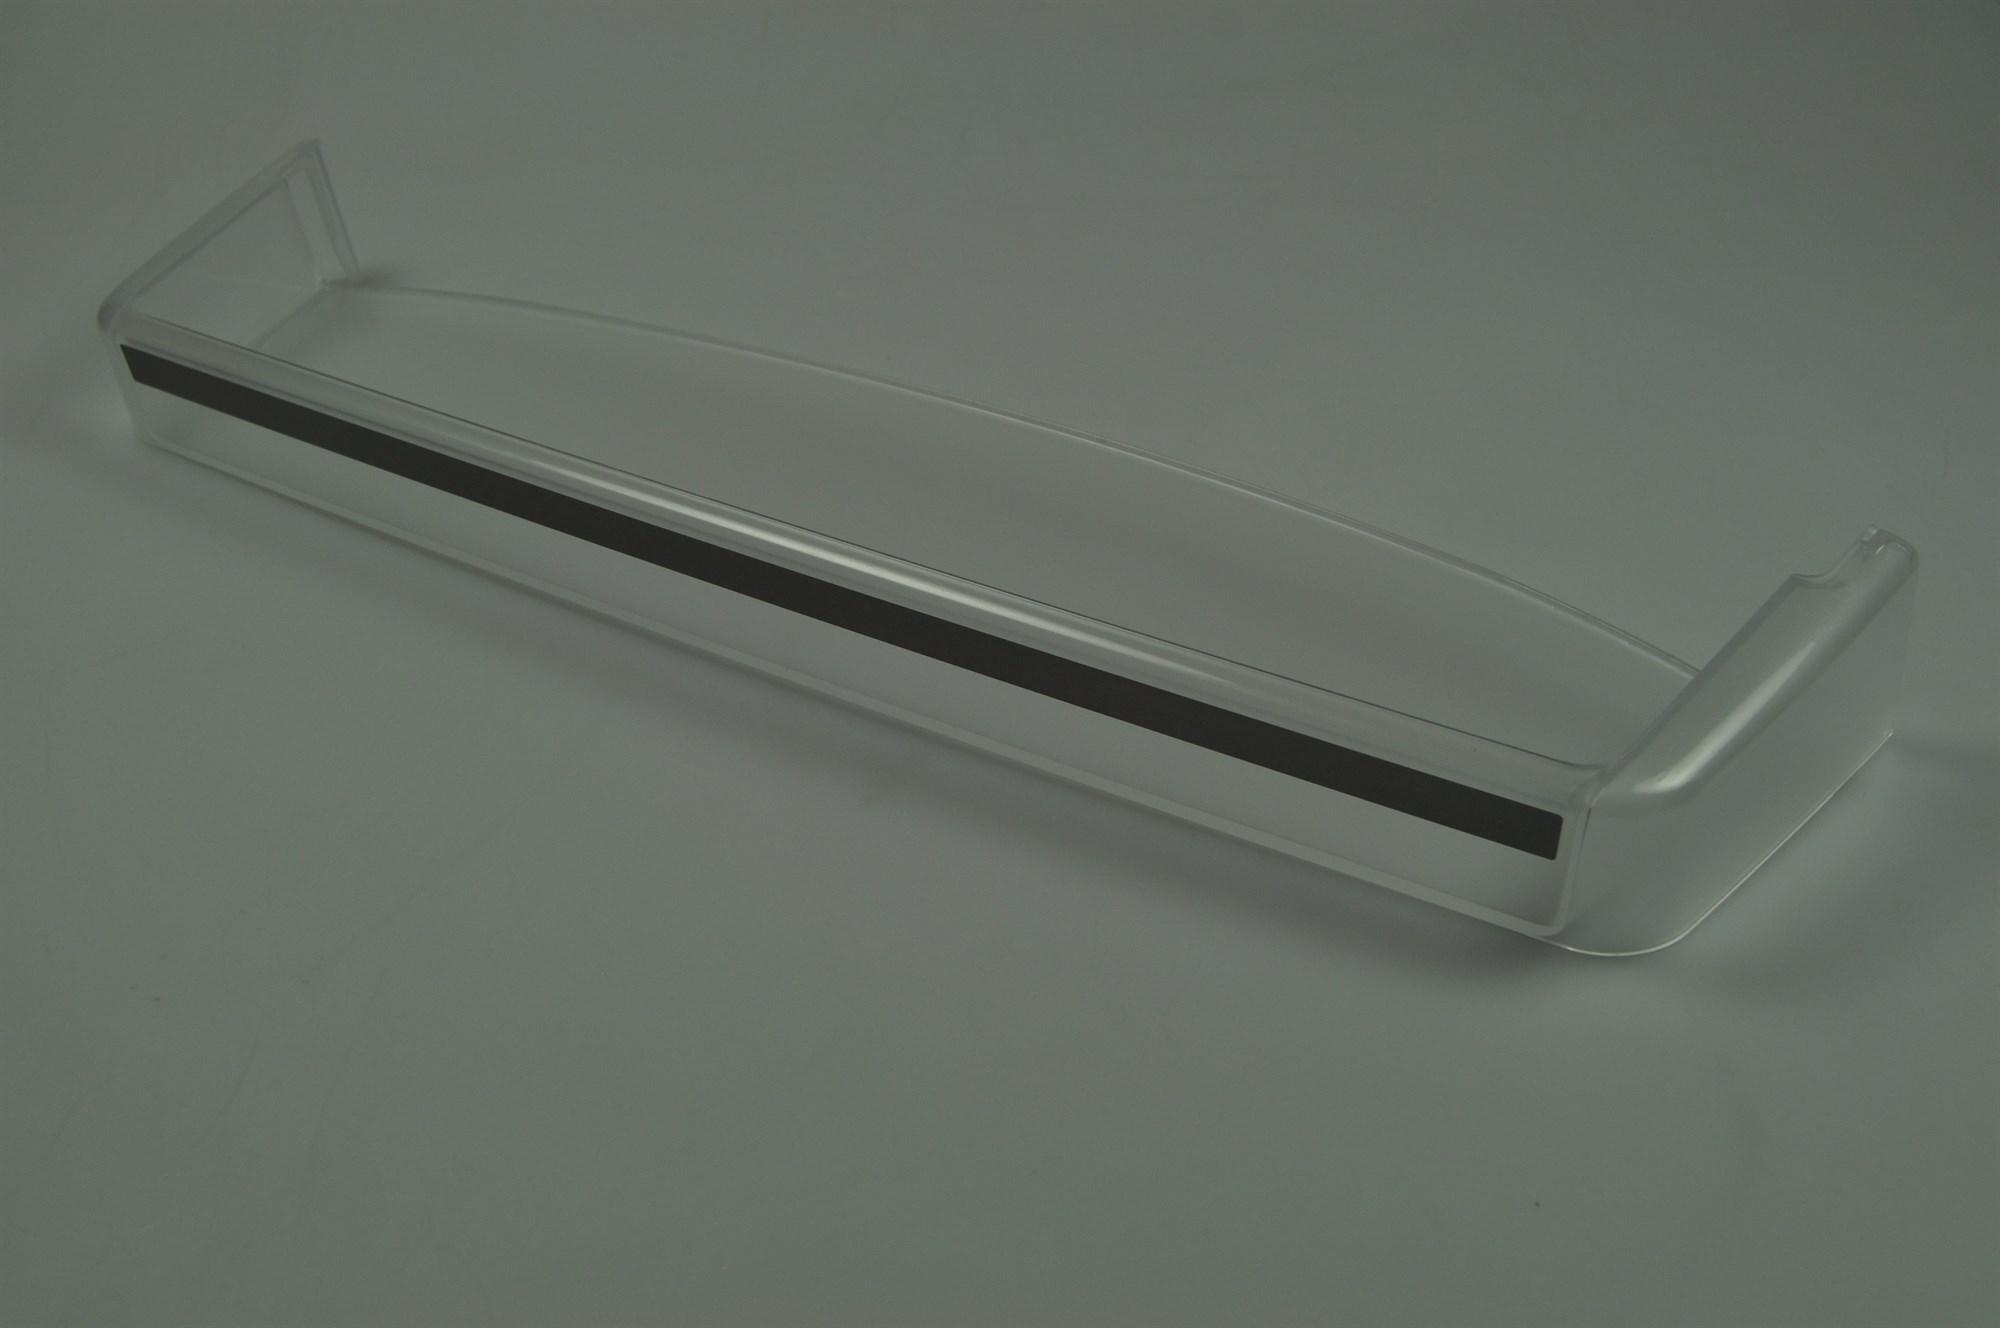 Siemens Kühlschrank Dichtung Ersatzteile : Türfach siemens kühl gefrierschrank oben